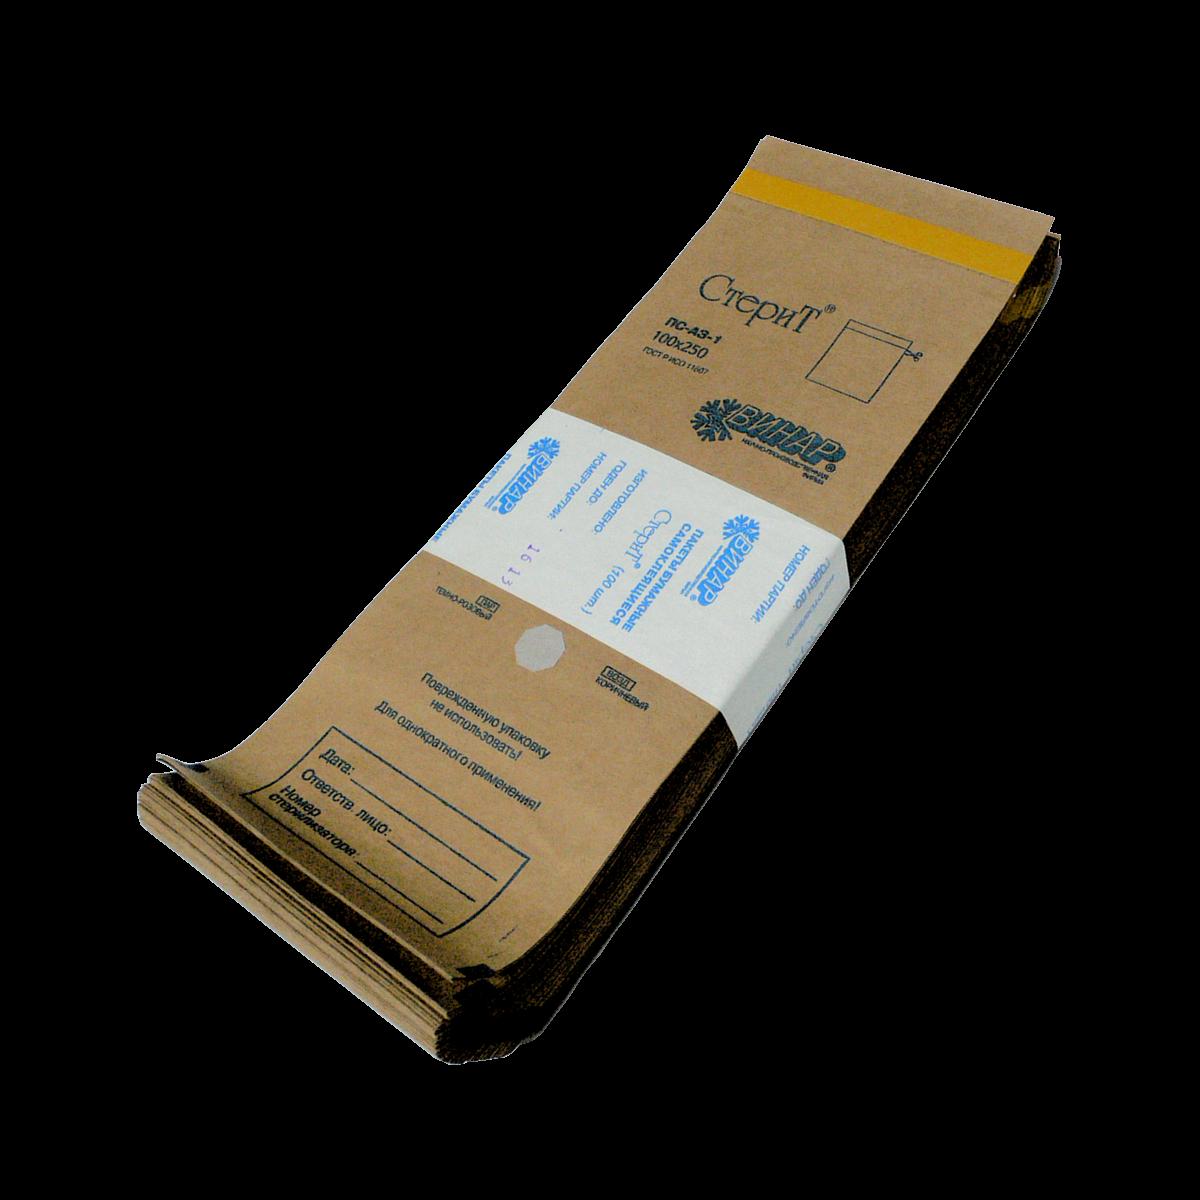 Крафт-пакеты 150х250, самоклеящиеся с индикатором для паровой и газовой стерилизации (3,55 руб/шт)